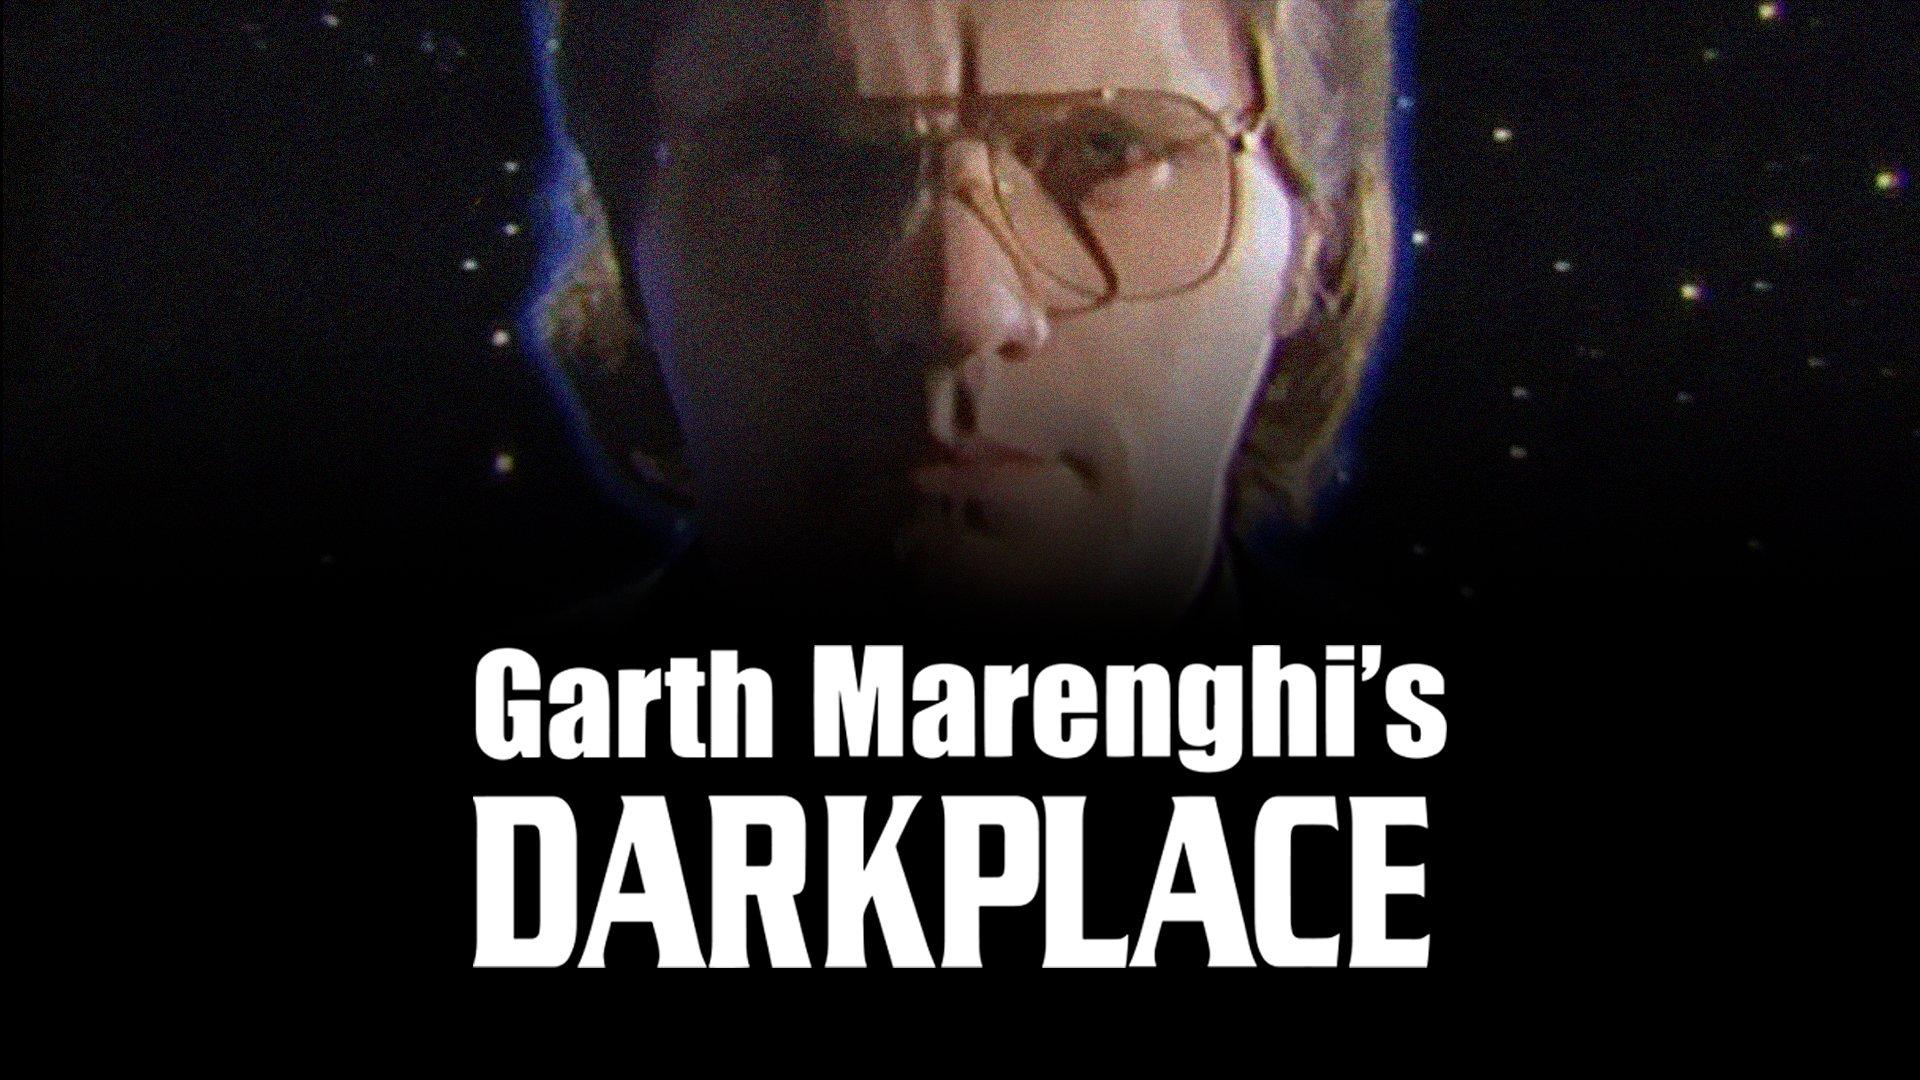 Garth Marenghi's Darkplace on BritBox UK